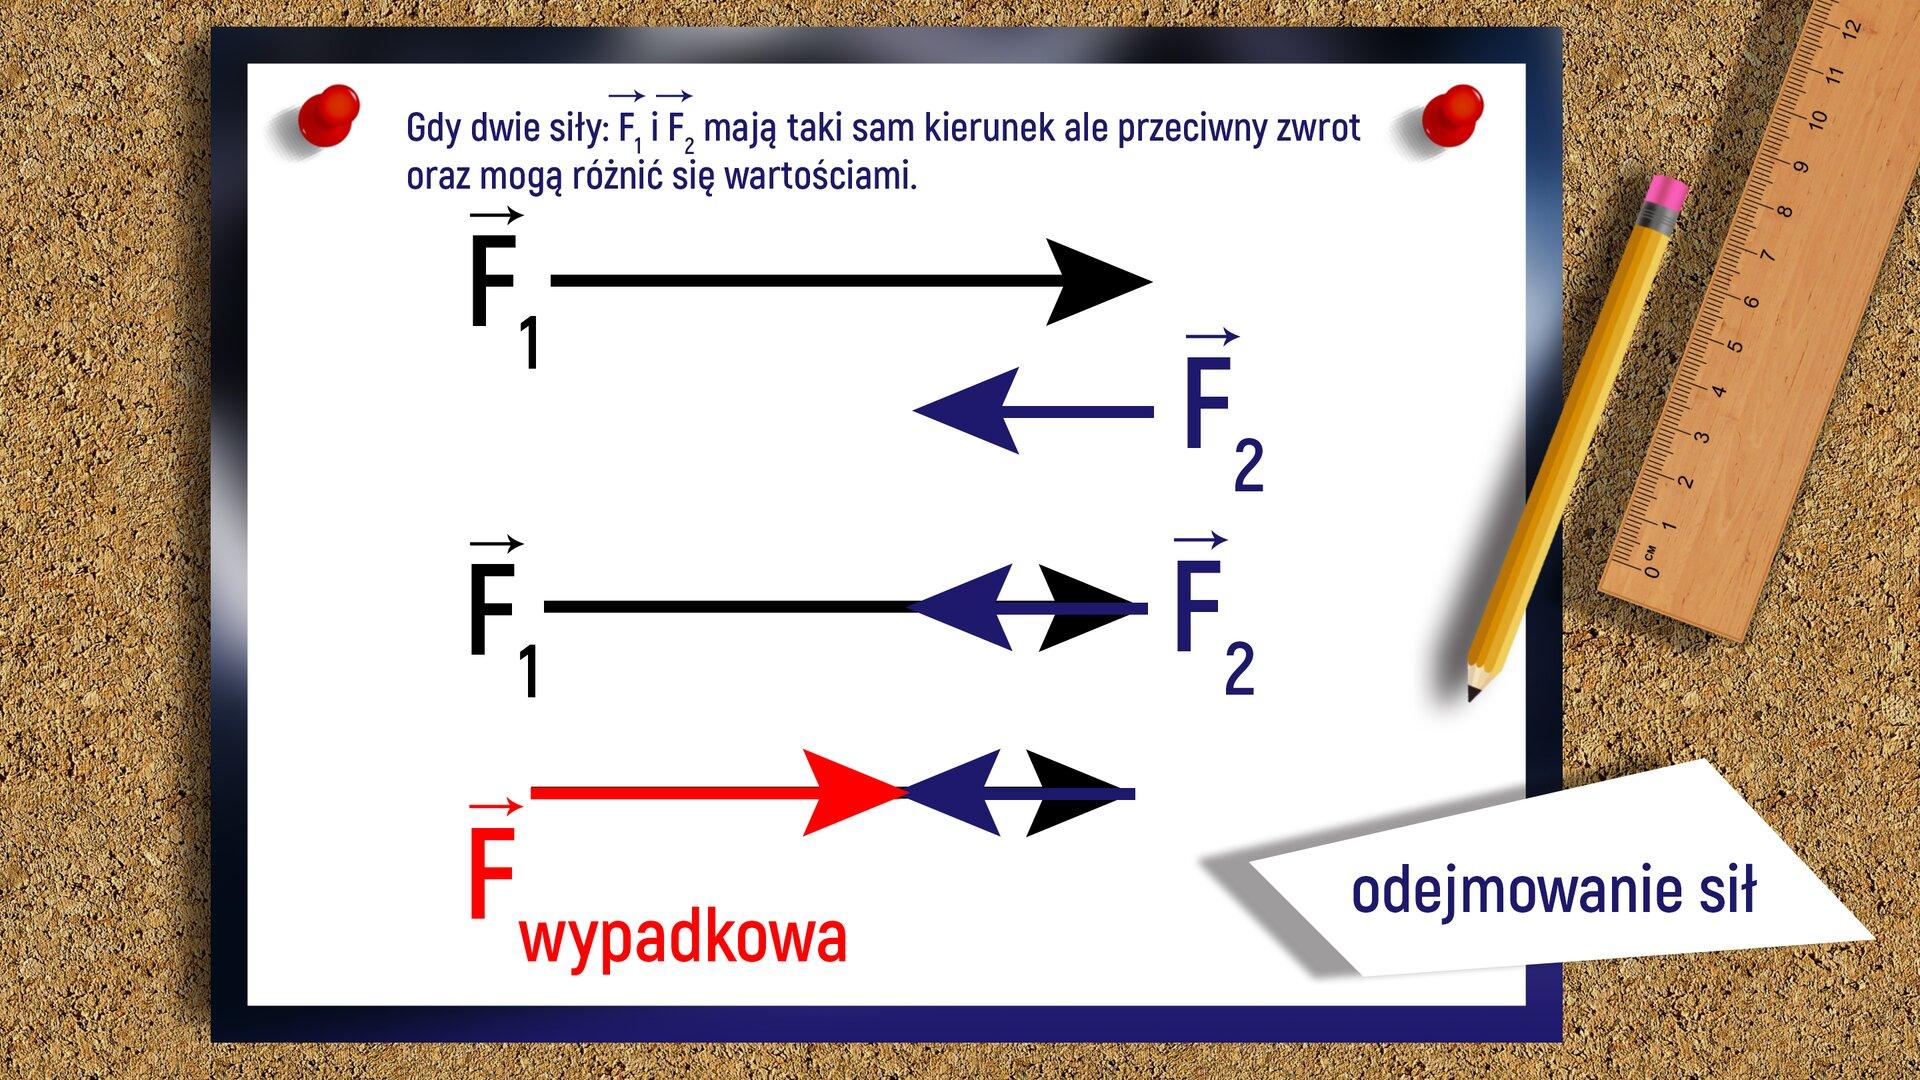 """Ilustracja przedstawia rysunek zamieszczony na tablicy korkowej opisujący odejmowanie sił. Na górze rysunku znajduje się tekst: """"Gdy dwie siły: F1 iF2 mają taki sam kierunek, ale przeciwny zwrot oraz mogą różnić się wartościami"""". Poniżej narysowane są trzy schematy wpostaci strzałek (czerwonych, czarnych igranatowe), biegnących wkierunku poziomym, które przedstawiają działanie sił. Pierwszy schemat składa się zdwóch strzałek, które przedstawiają siły oróżnym kierunku izwrocie. Pierwsza strzałka oznaczona jako F1 ma zwrot wprawą stronę, adruga strzałka oznaczona jako F2, znajdująca się pod pierwszą, ma zwrot skierowany wlewą stronę. Drugi schemat przedstawia siły otym samym kierunku, ale różnym zwrocie. Na rysunku nakładają się na siebie dwie strzałki, oznaczone jako F1 iF2. Strzałka oznaczona jako F1 ma zwrot wprawą stronę, aF2 ma zwrot wlewą stronę. Trzeci rysunek przedstawia siłę wypadkową. Rysunek składa się ztrzech strzałek otym samym kierunku. Na tej samej prostej znajdują się trzy zwroty. Siła wypadkowa zaznaczona czerwoną strzałką ma zwrot wprawo, apozostałe dwie siły mają zwrot wlewo iwprawo. Po prawej stronie ilustracji znajduje się napis: """"odejmowanie sił"""" oraz linijka iołówek."""